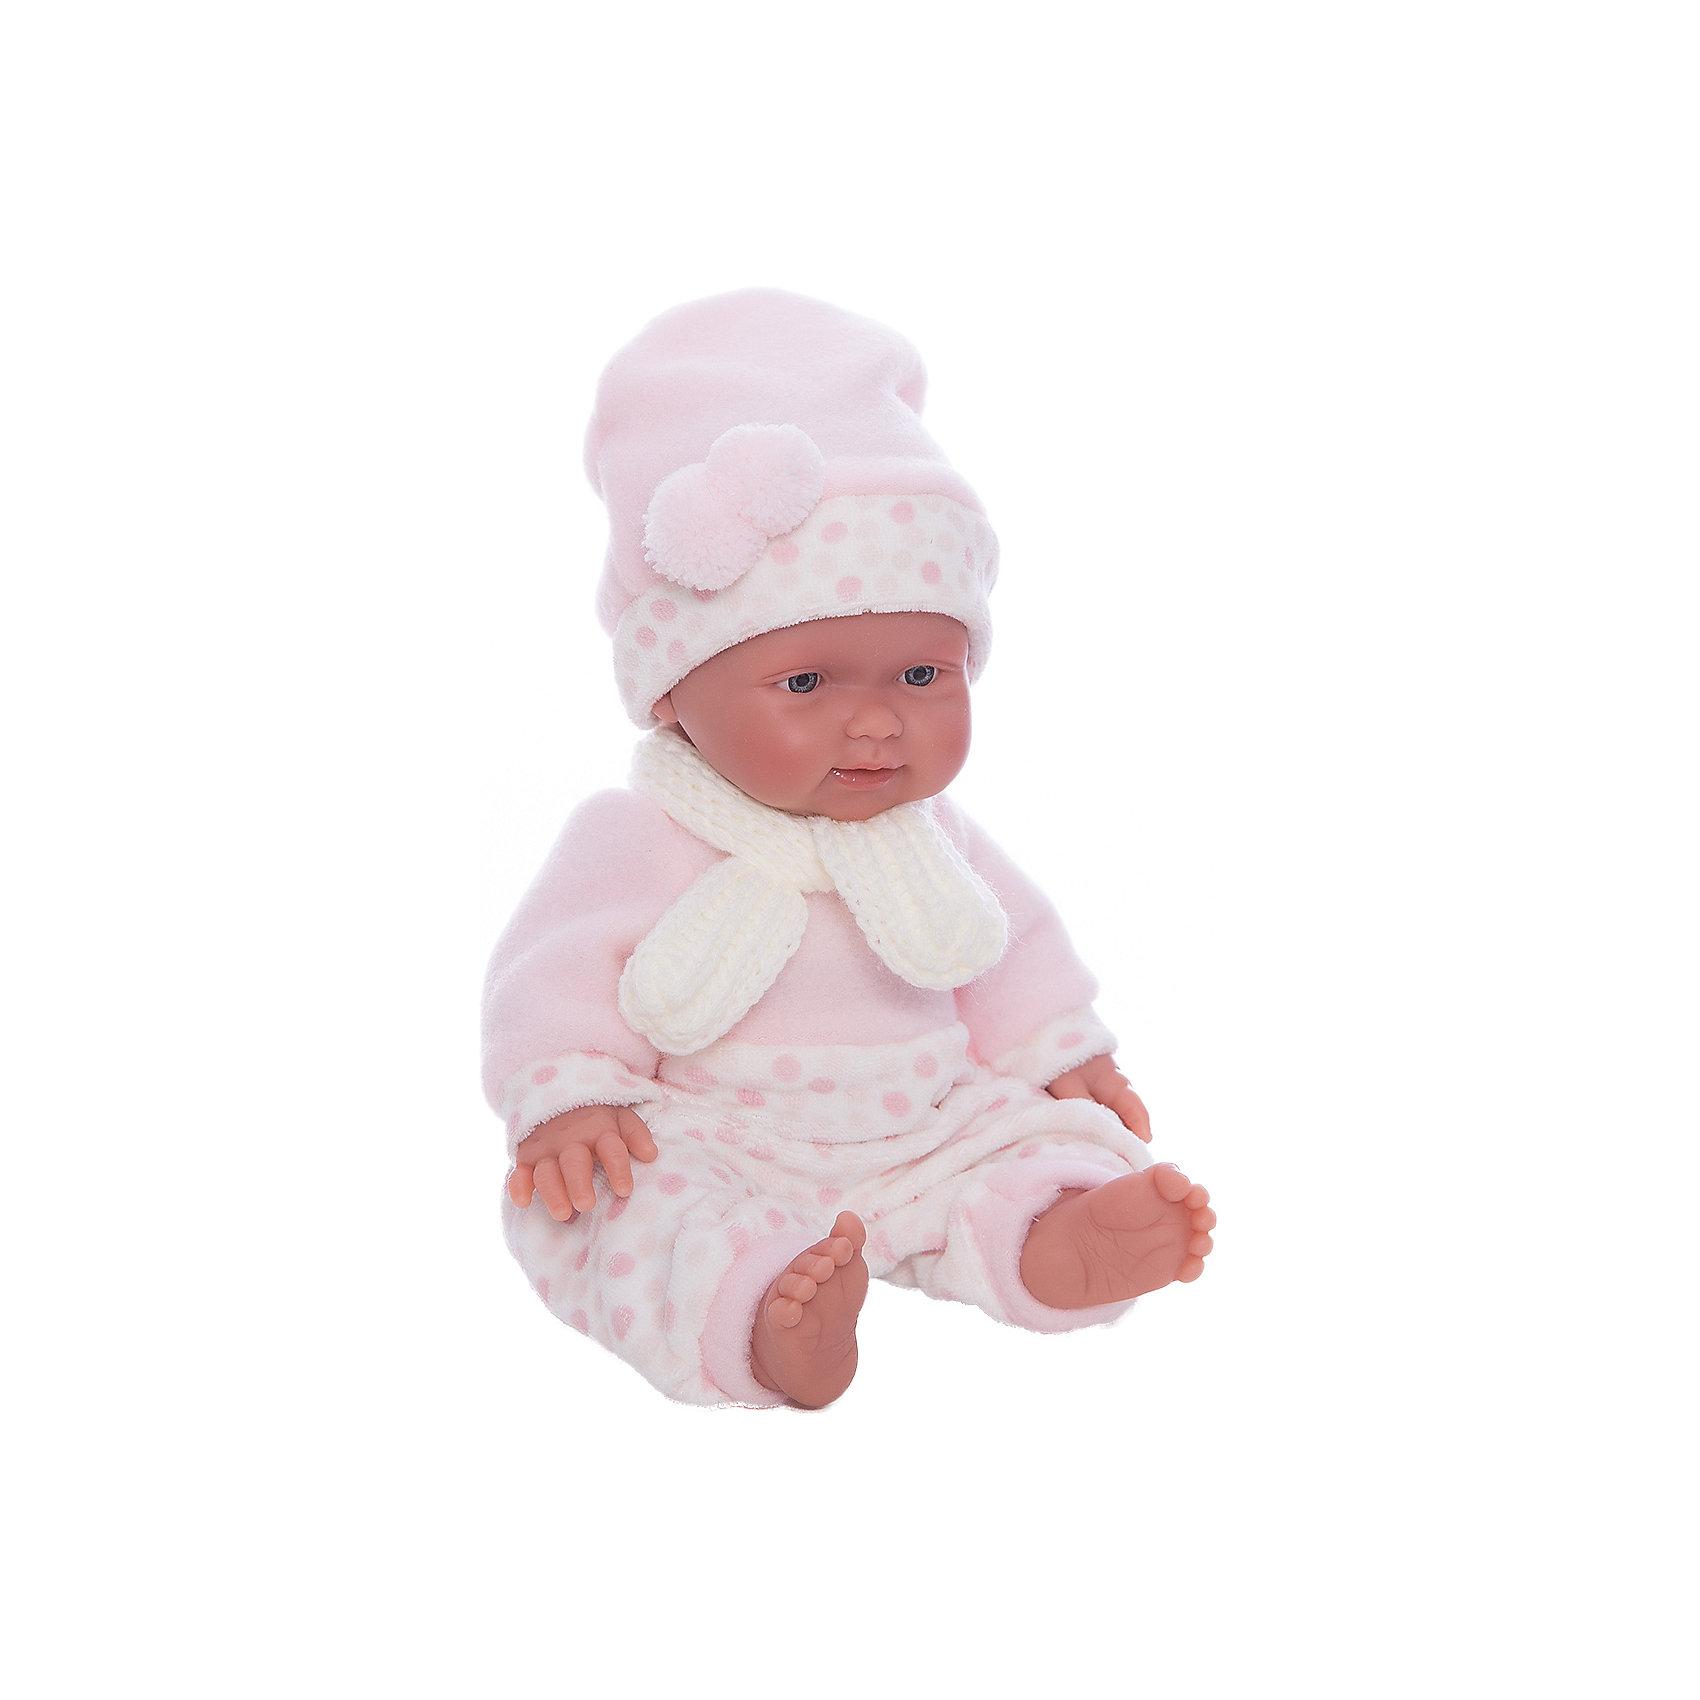 Кукла БэбитаРоза, 26 см, LlorensХарактеристики:<br><br>• Предназначение: для сюжетно-ролевых игр<br>• Тип куклы: мягконабивная<br>• Пол куклы: девочка <br>• Волосы: прорисованные<br>• Материал: поливинилхлорид, пластик, текстиль<br>• Цвет: голубой, белый<br>• Высота куклы: 26 см<br>• Комплектация: кукла, комбинезон, шарфик, шапочка<br>• Вес: 650 г<br>• Размеры упаковки (Д*В*Ш): 20*37*10 см<br>• Упаковка: подарочная картонная коробка <br>• Особенности ухода: допускается деликатная стирка без использования красящих и отбеливающих средств предметов одежды куклы<br><br>Кукла Бэбита Роза 26 см – пупс, производителем которого является всемирно известный испанский кукольный бренд Llorens. Куклы этой торговой марки имеют свою неповторимую внешность и целую линейку образов как пупсов, так и кукол-малышей. Игрушки выполнены из сочетания поливинилхлорида и пластика, что позволяет с высокой долей достоверности воссоздать физиологические и мимические особенности маленьких детей. При изготовлении кукол Llorens используются только сертифицированные материалы, безопасные и не вызывающие аллергических реакций. Волосы у кукол-пупсов прорисованные; ручки и ножки двигаются.<br>Кукла Бэбита Роза 26 см выполнена в образе очаровательной малышки: голубые глазки и пухлые щечки создают невероятно очаровательный и милый образ. В комплект одежды Бэбиты Розы входит теплый комбинированный комбинезончик, шапочка с ушками и шарфик. <br>Кукла Бэбита Роза 26 см – это идеальный вариант для подарка к различным праздникам и торжествам.<br><br>Куклу Бэбиту Розу 26 см можно купить в нашем интернет-магазине.<br><br>Ширина мм: 20<br>Глубина мм: 37<br>Высота мм: 10<br>Вес г: 650<br>Возраст от месяцев: 36<br>Возраст до месяцев: 84<br>Пол: Женский<br>Возраст: Детский<br>SKU: 5086923